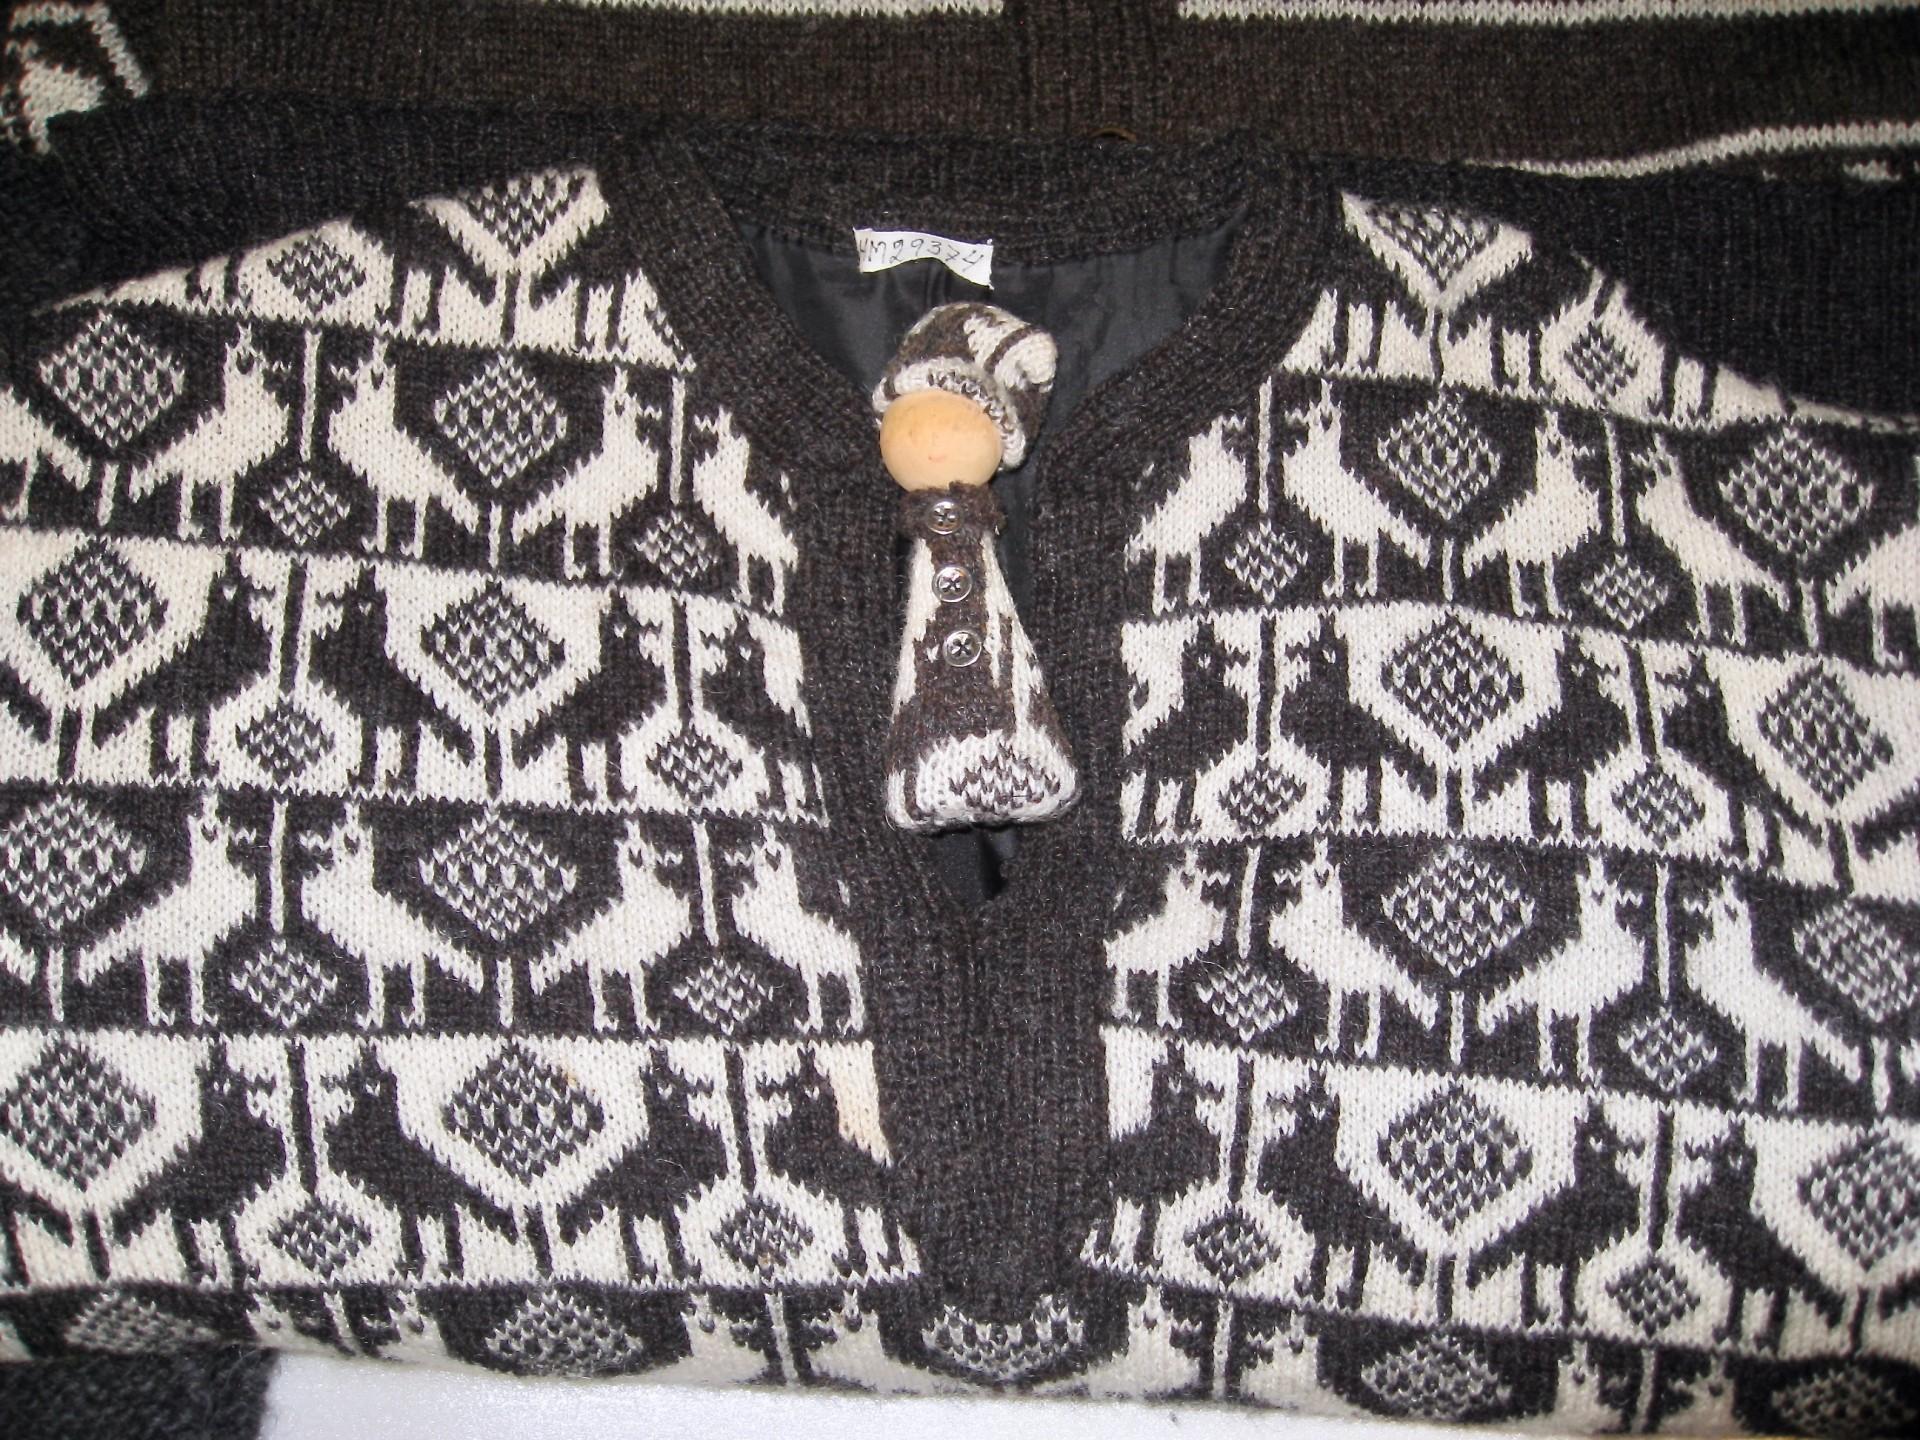 Pullover mit kleinem Püppchen aus Wollresten